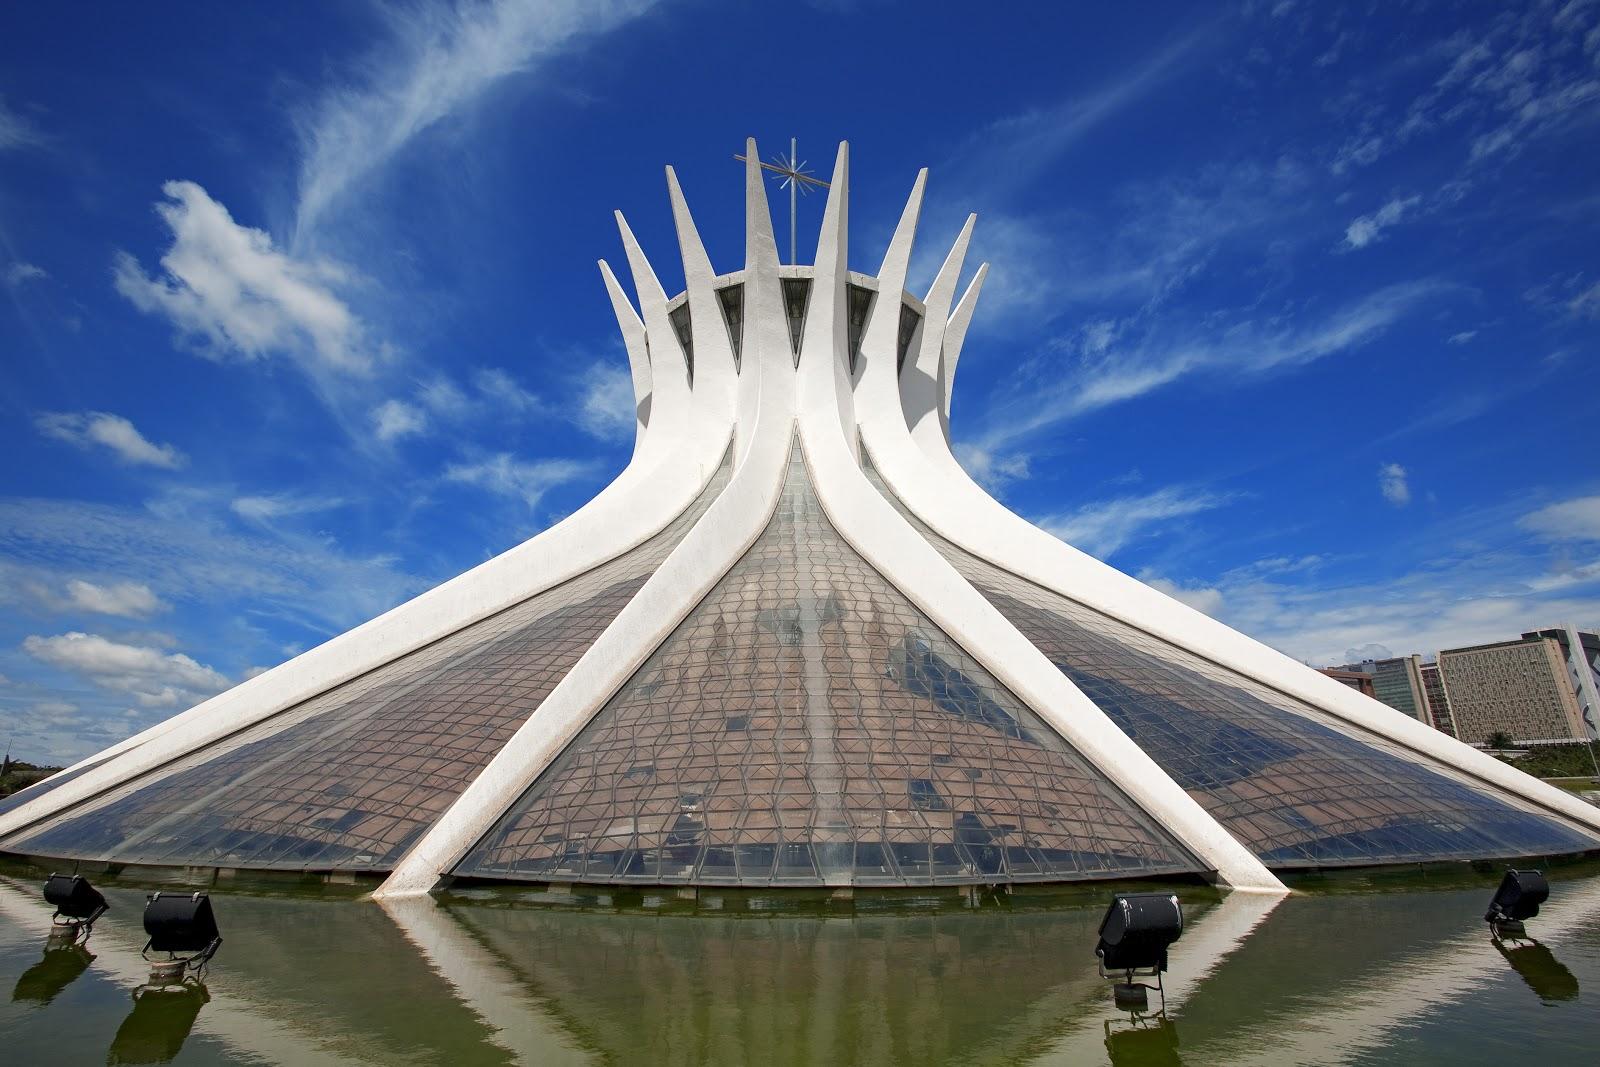 Oscar niemeyer e belo horizonte ourlifeinbh - Arquitecto de brasilia ...